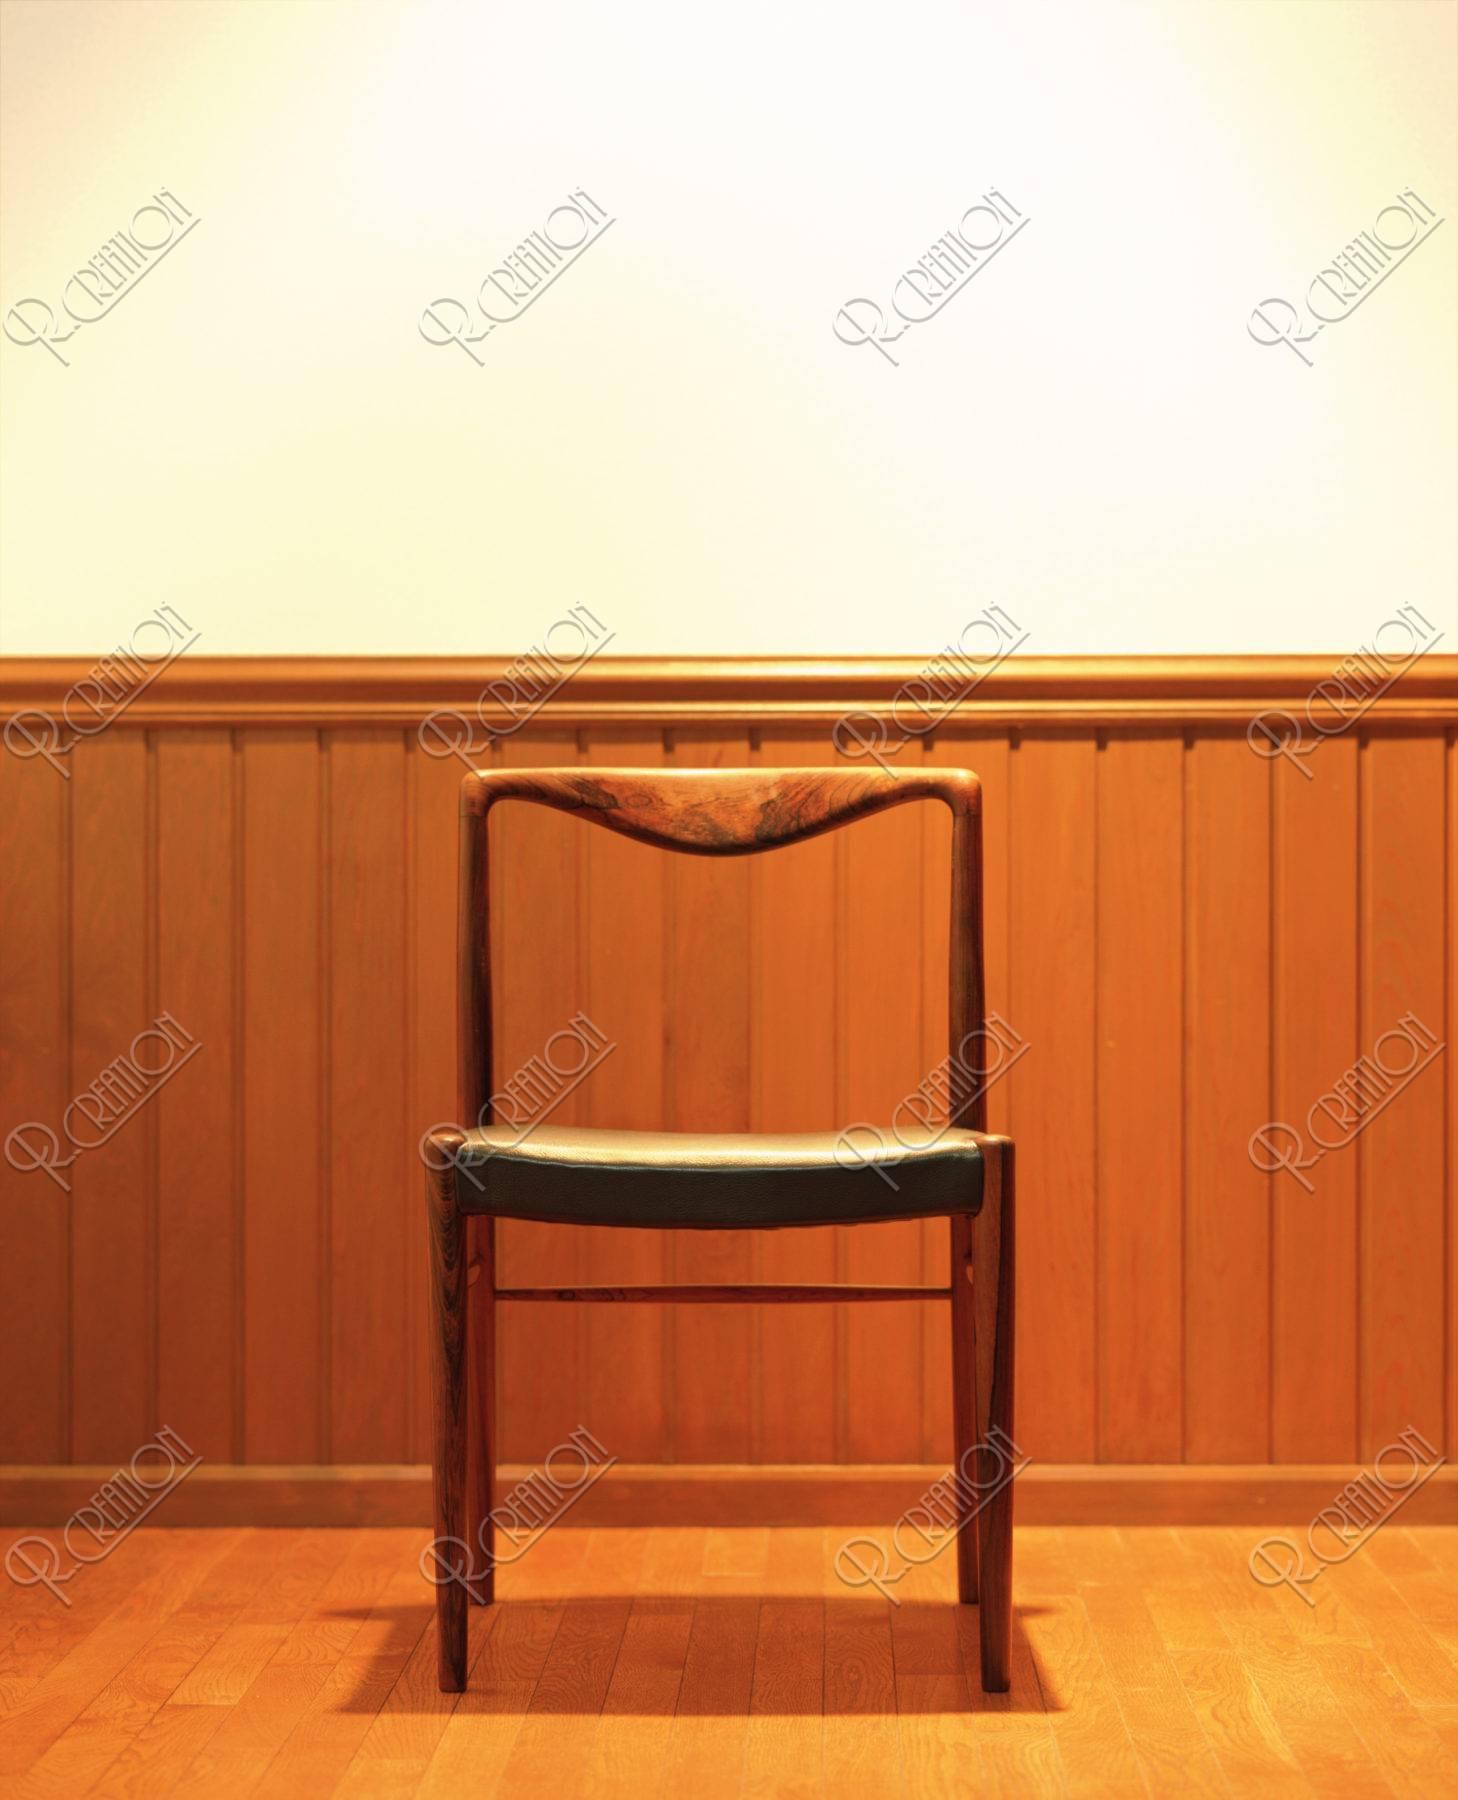 椅子とスポットライト